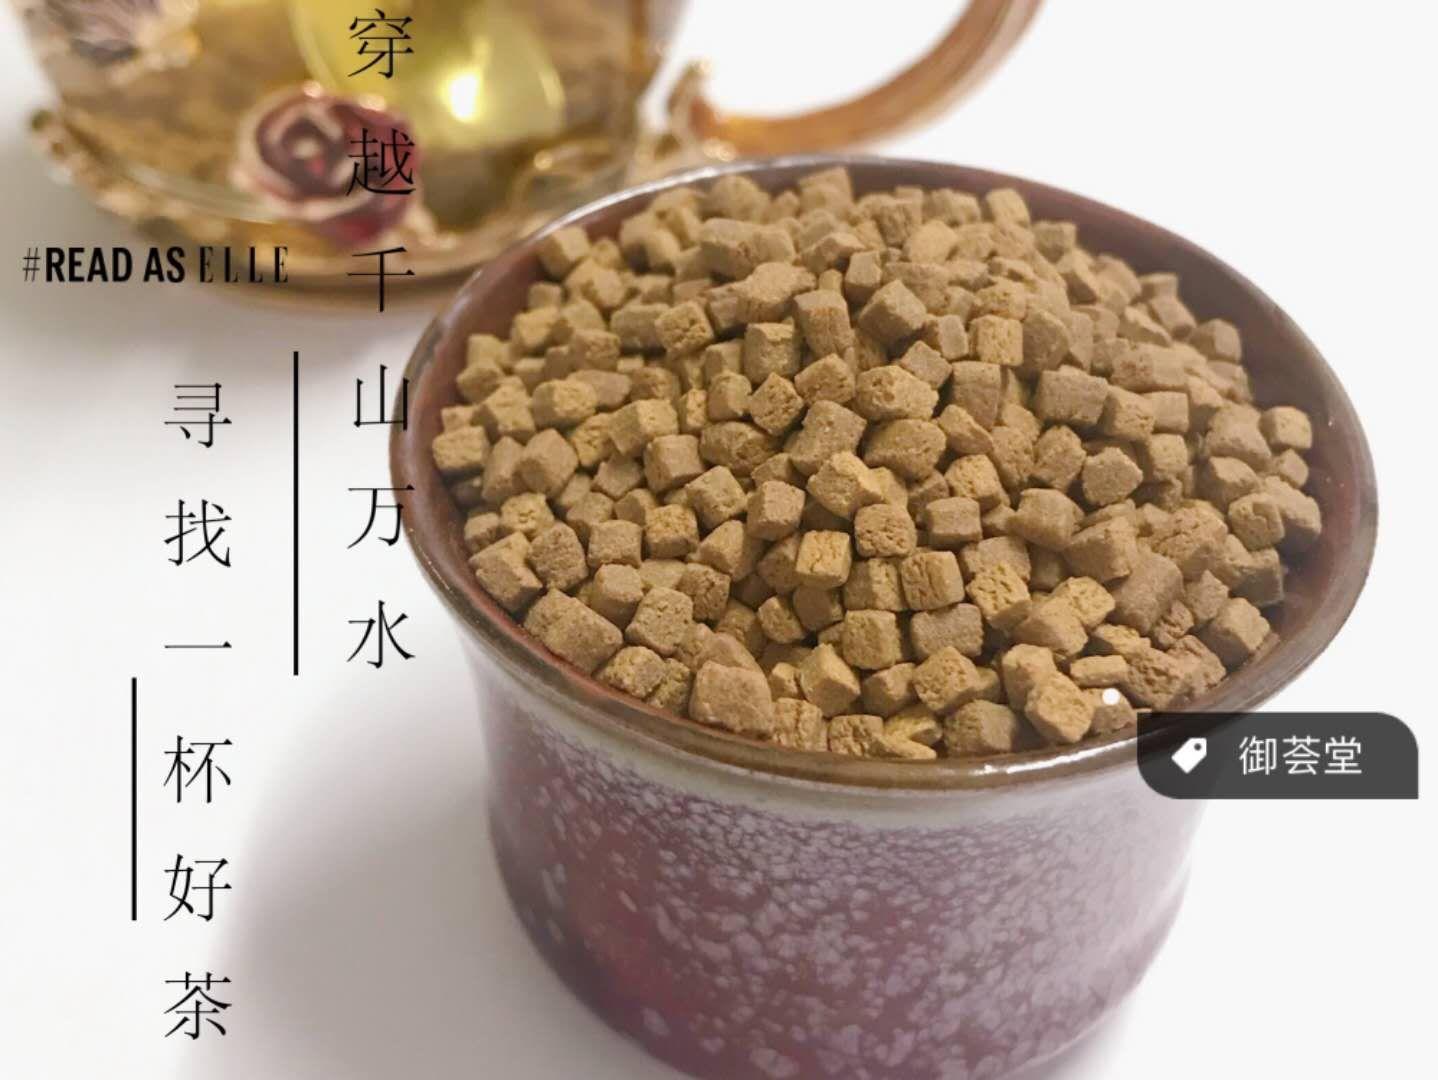 黑苦蕎茶加荷葉專業公司